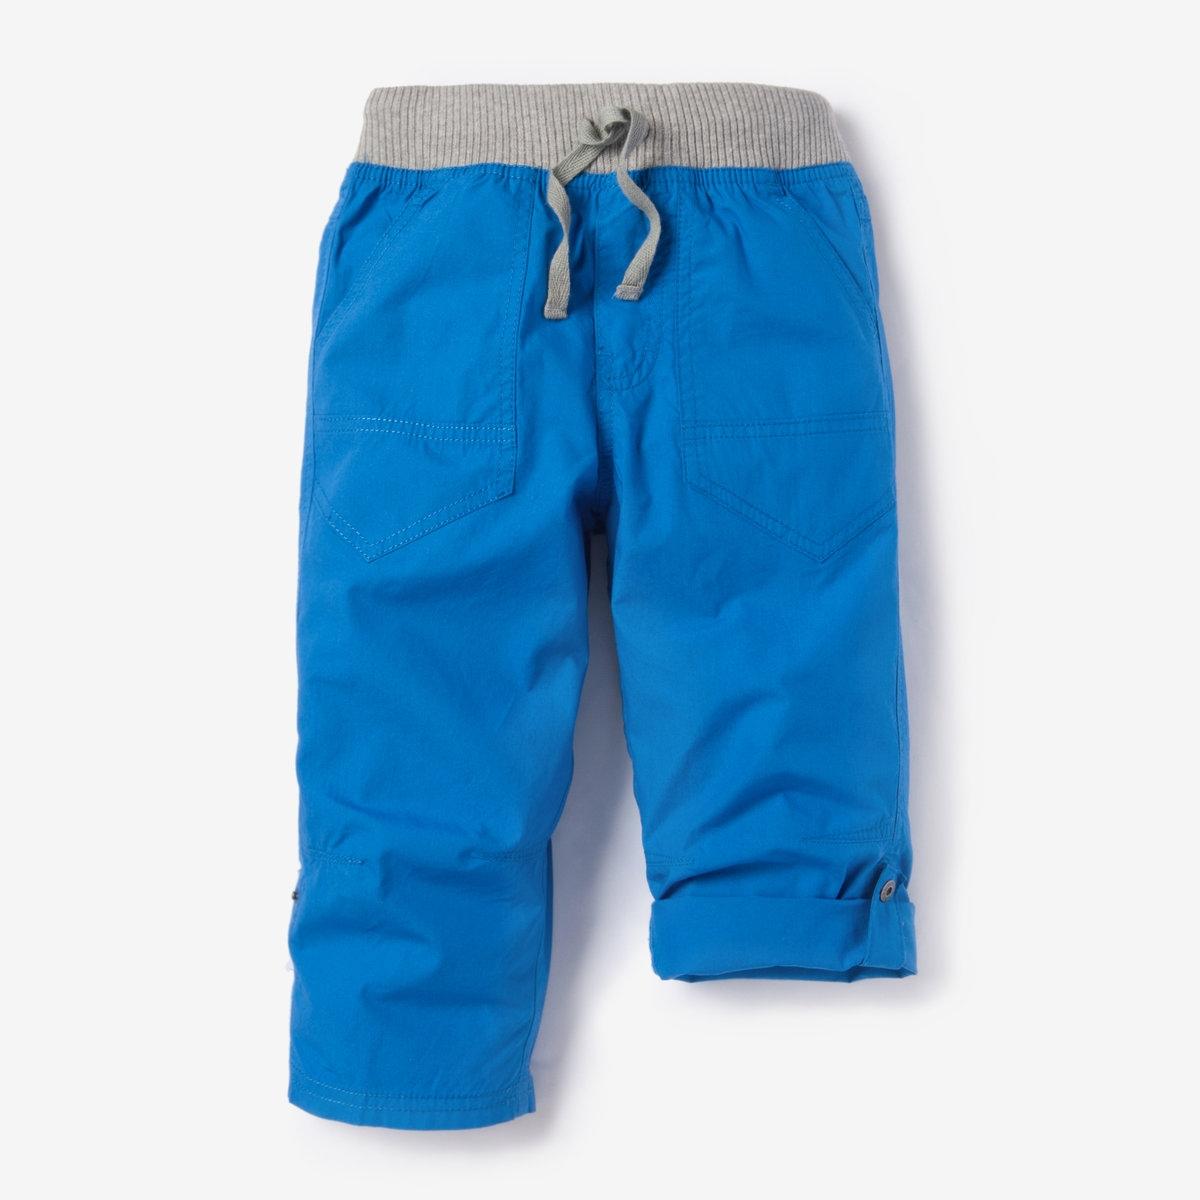 Брюки-каприДетали Покрой брюк : капри   •  Стандартная высота пояса •  Регулируемый пояс Состав и уход •  100% хлопок •  Стирать при 40° •  Сухая чистка и отбеливание запрещены • Барабанная сушка на умеренном режиме • Средняя температура глажки<br><br>Цвет: ярко-синий